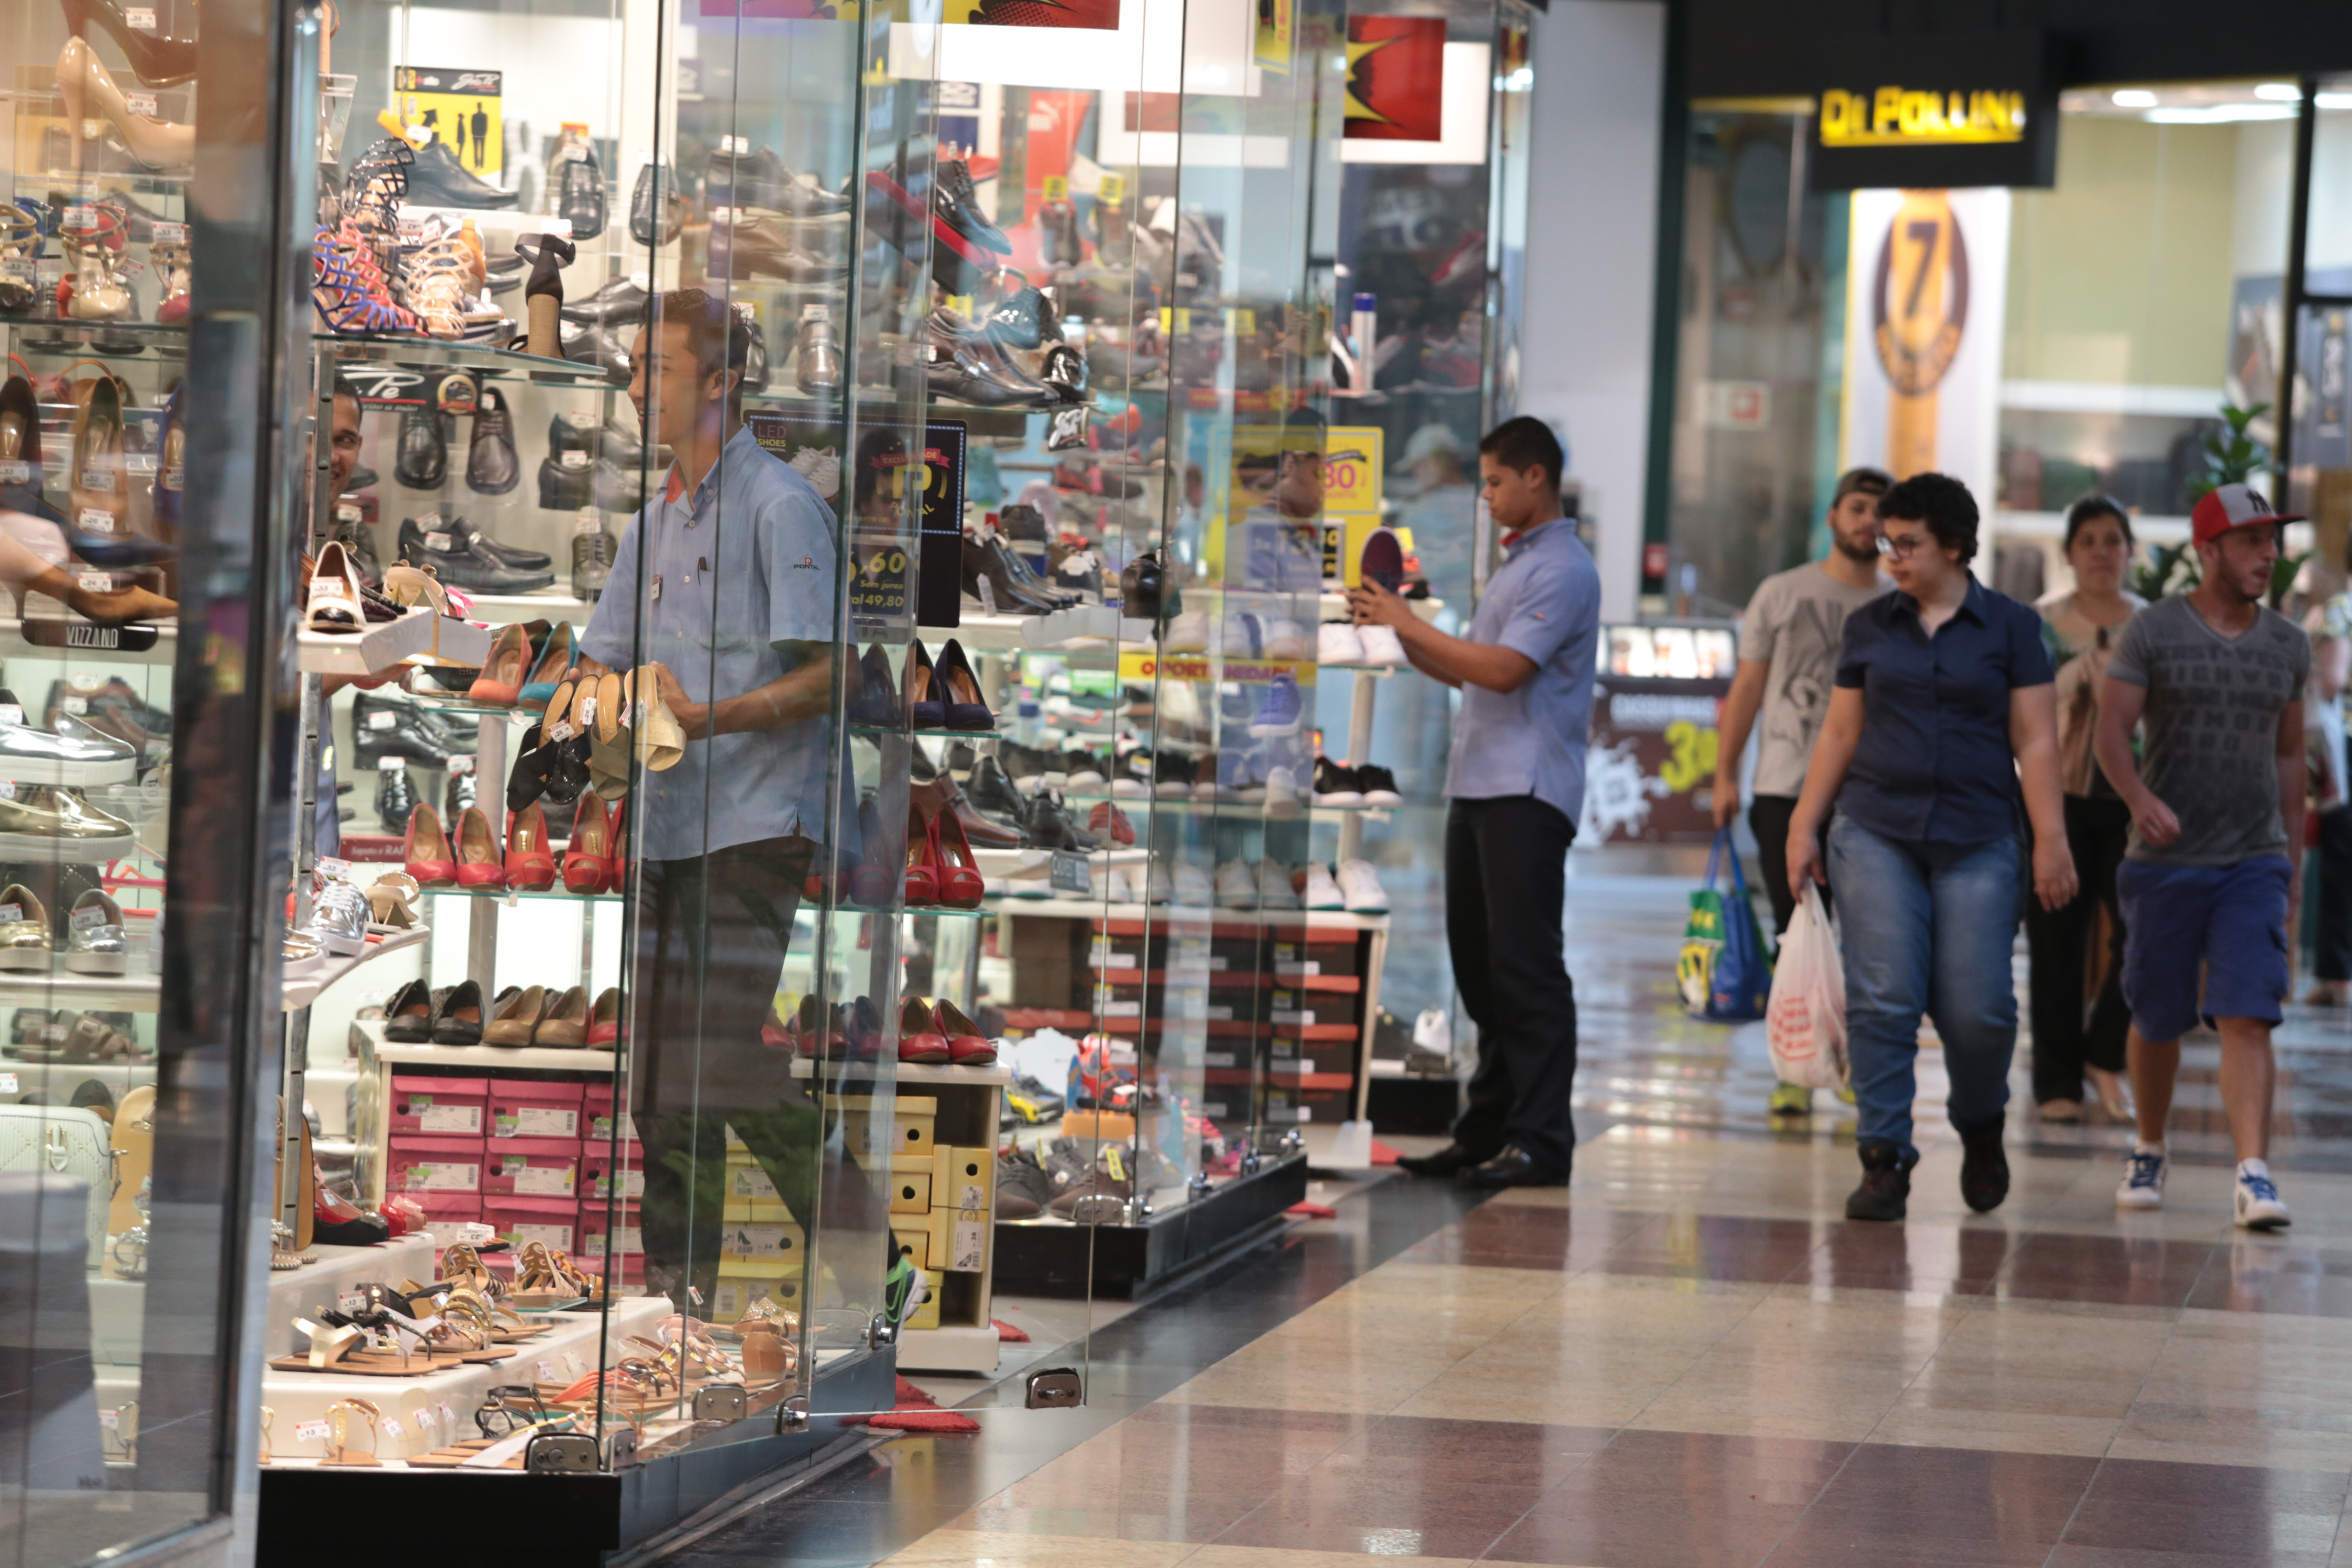 Varejo extingue 717 empregos formais em março na região de Campinas